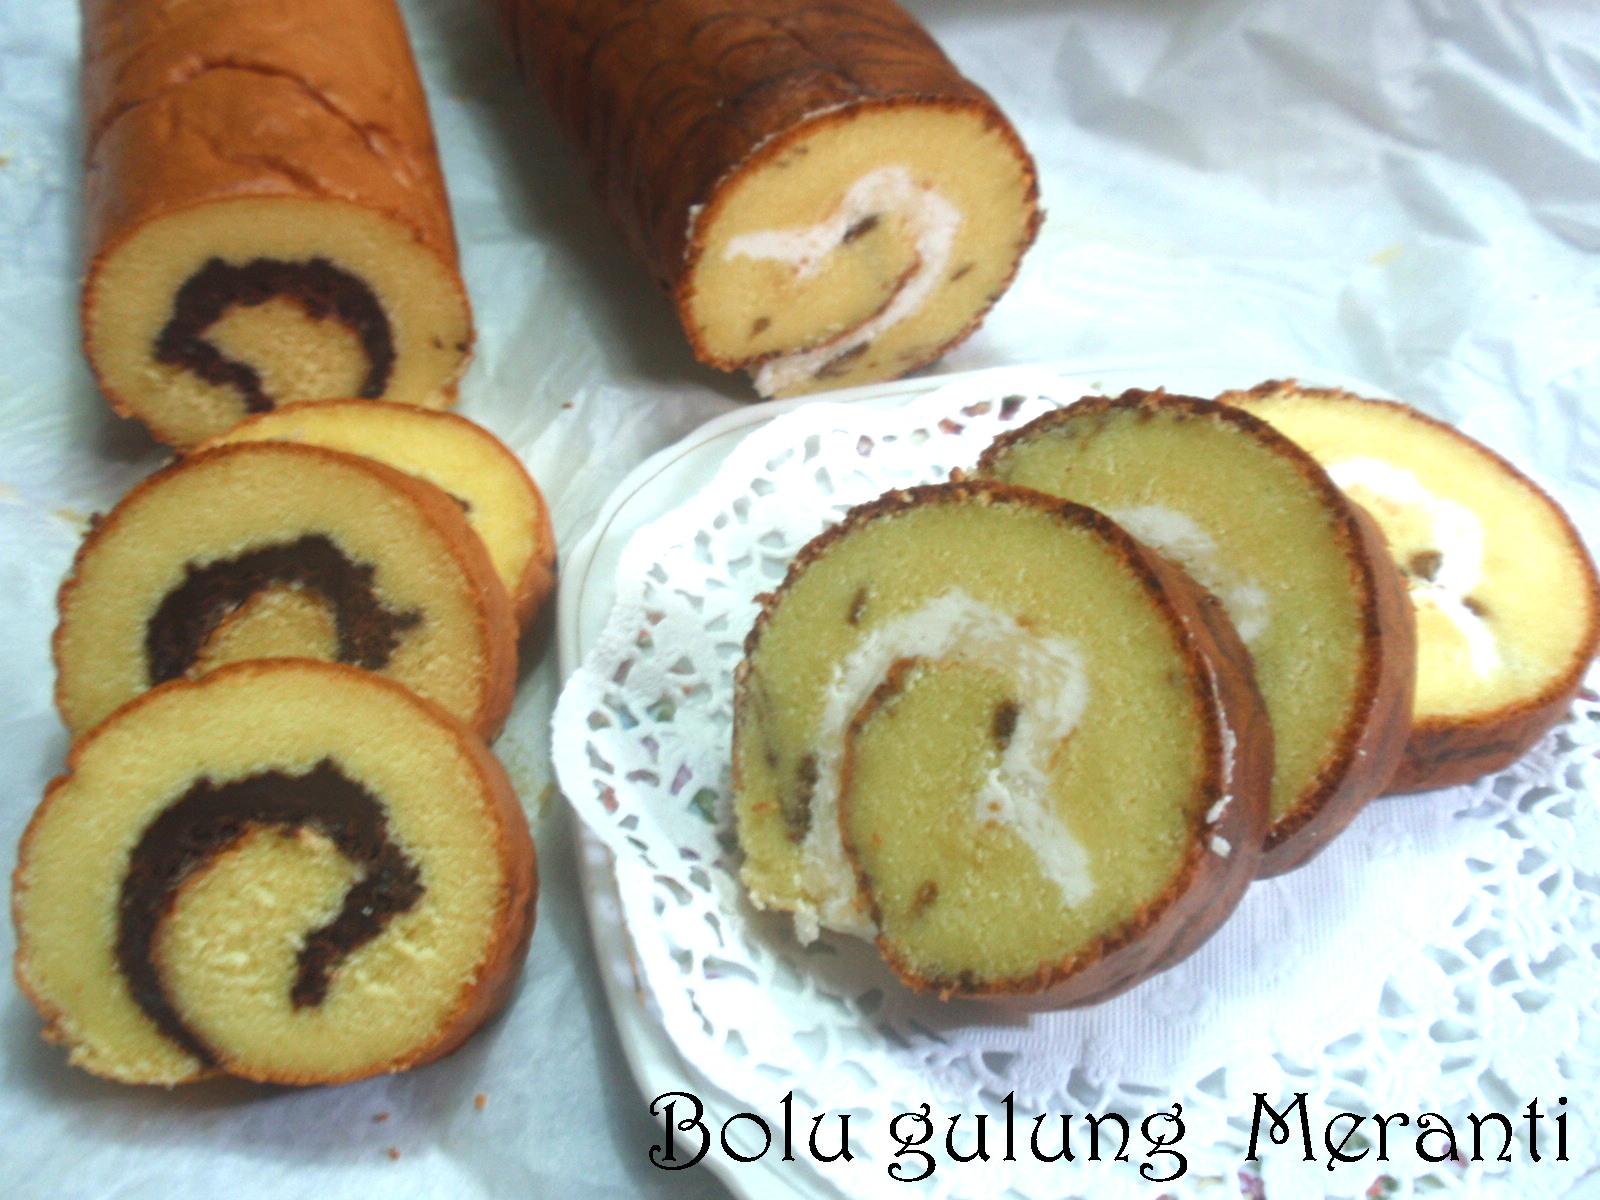 Cook and cake bolu gulung meranti